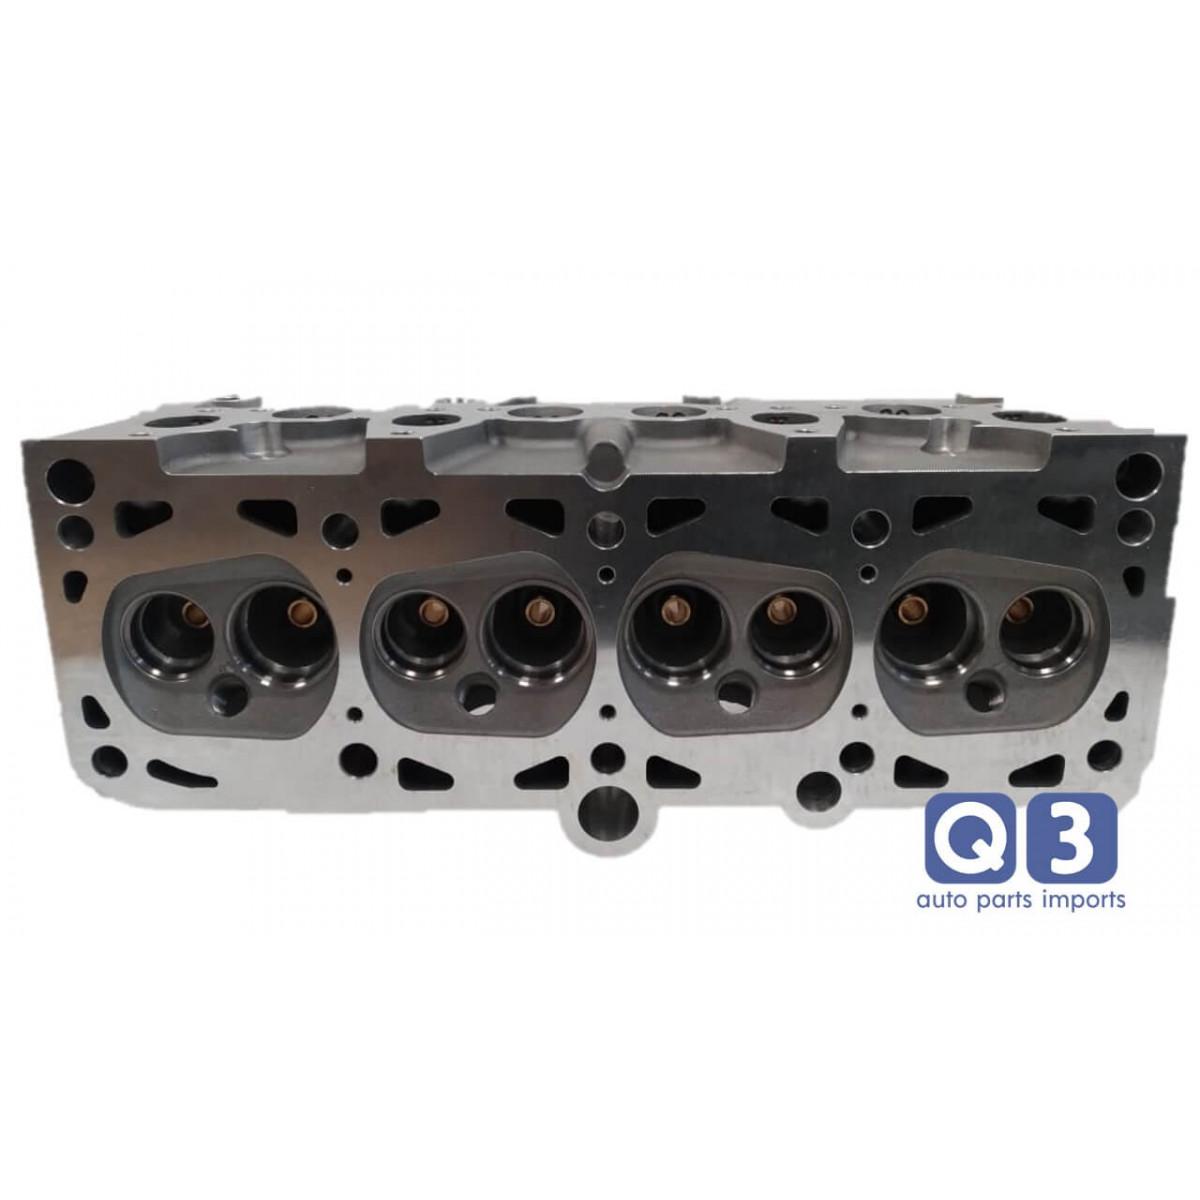 Cabeçote Volkswagen 1.8 e 2.0 8V Motor AP Tucho Hidráulico Novo